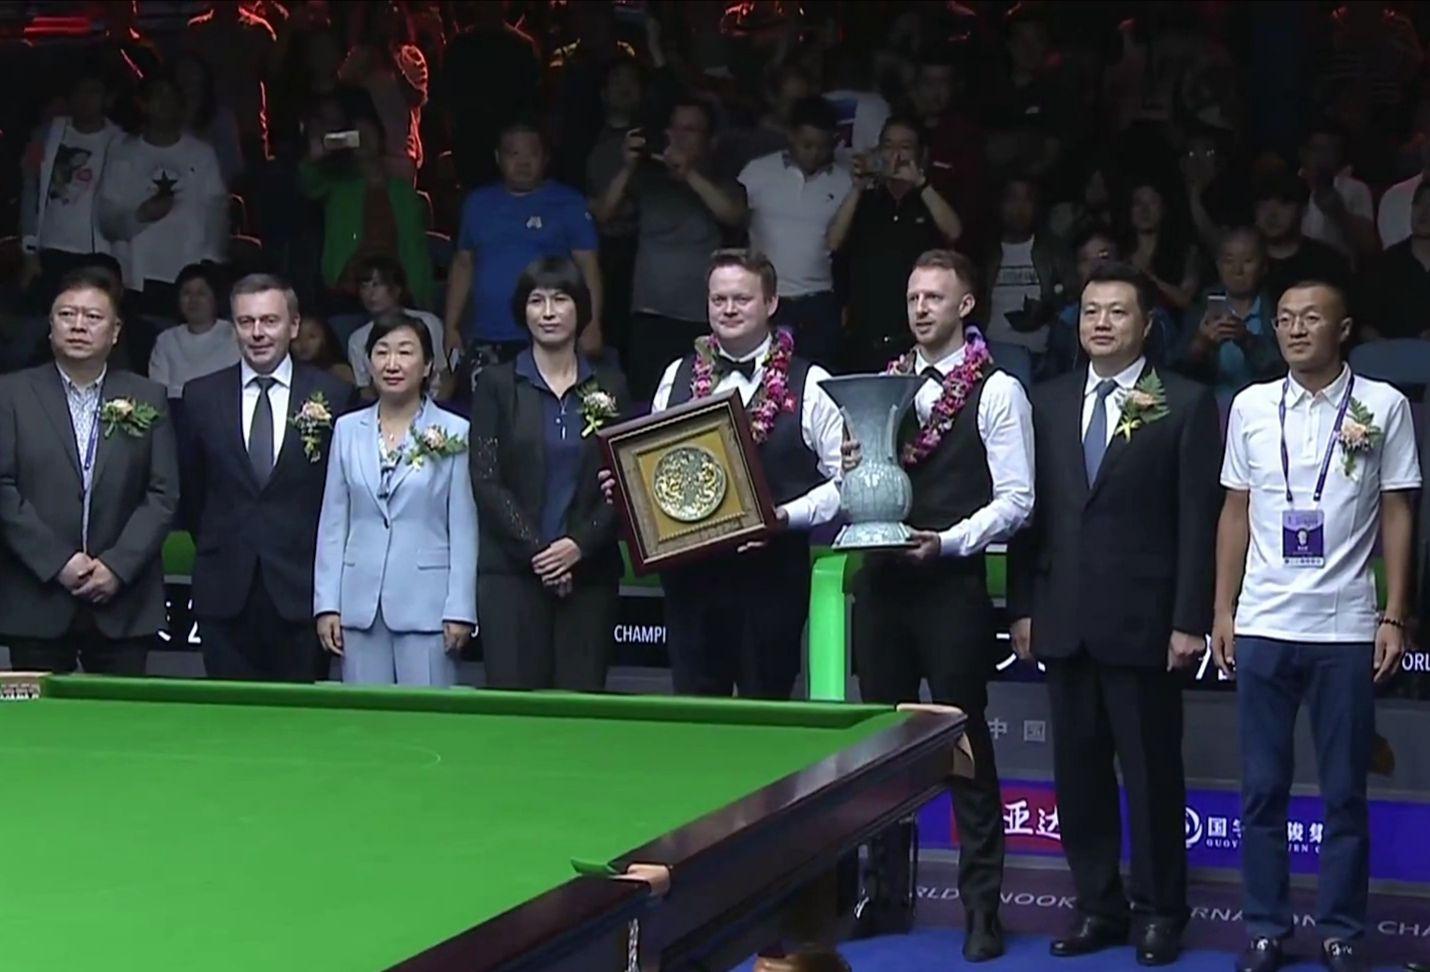 特鲁姆普加冕2019国锦赛冠军颁奖典礼